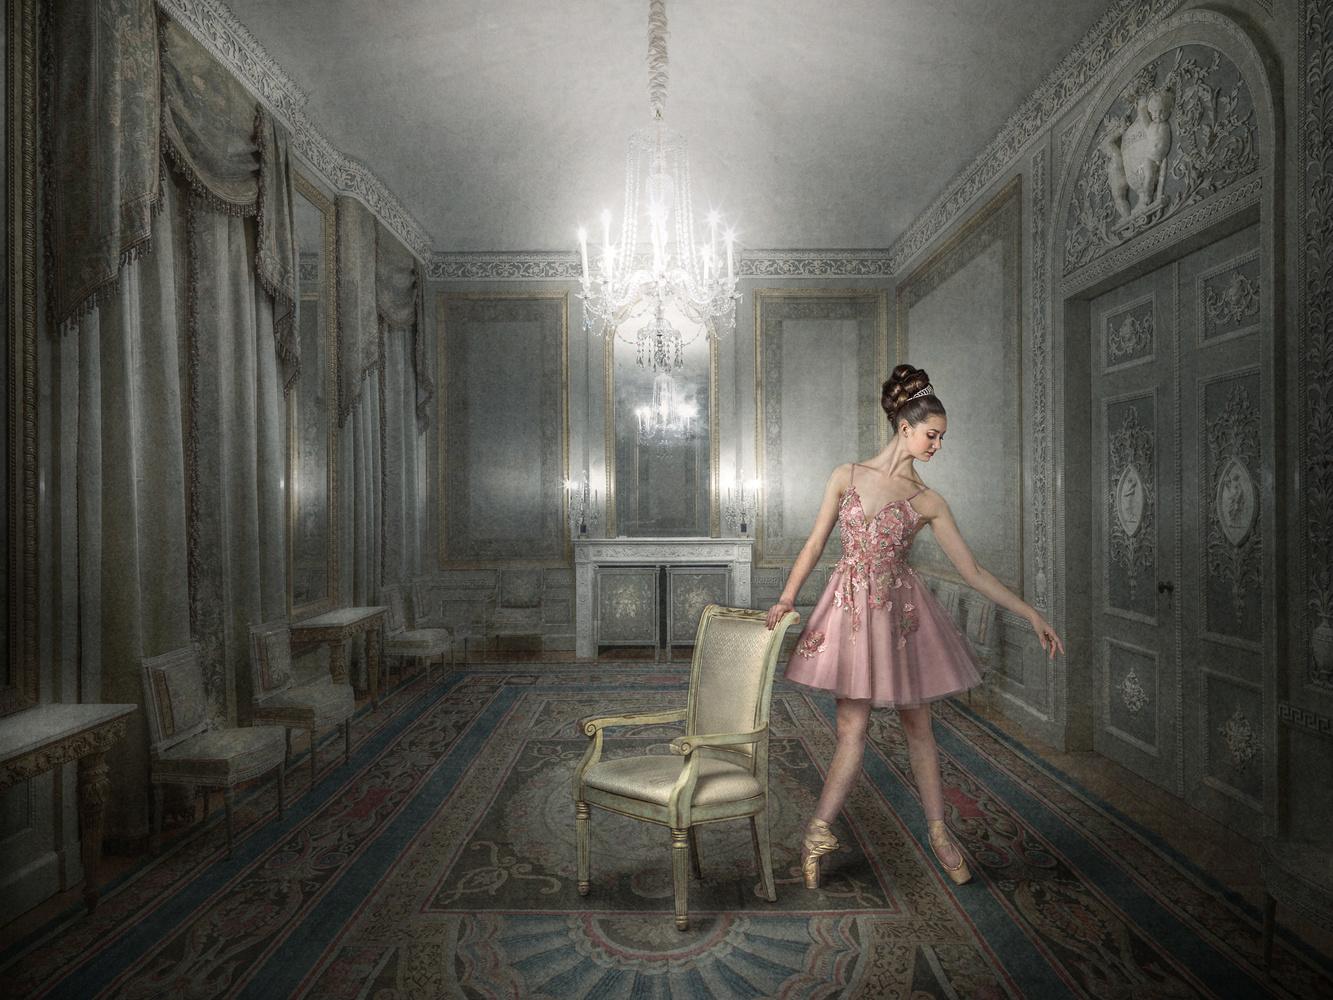 Fantasy and reality often overlap... by Barbara MacFerrin